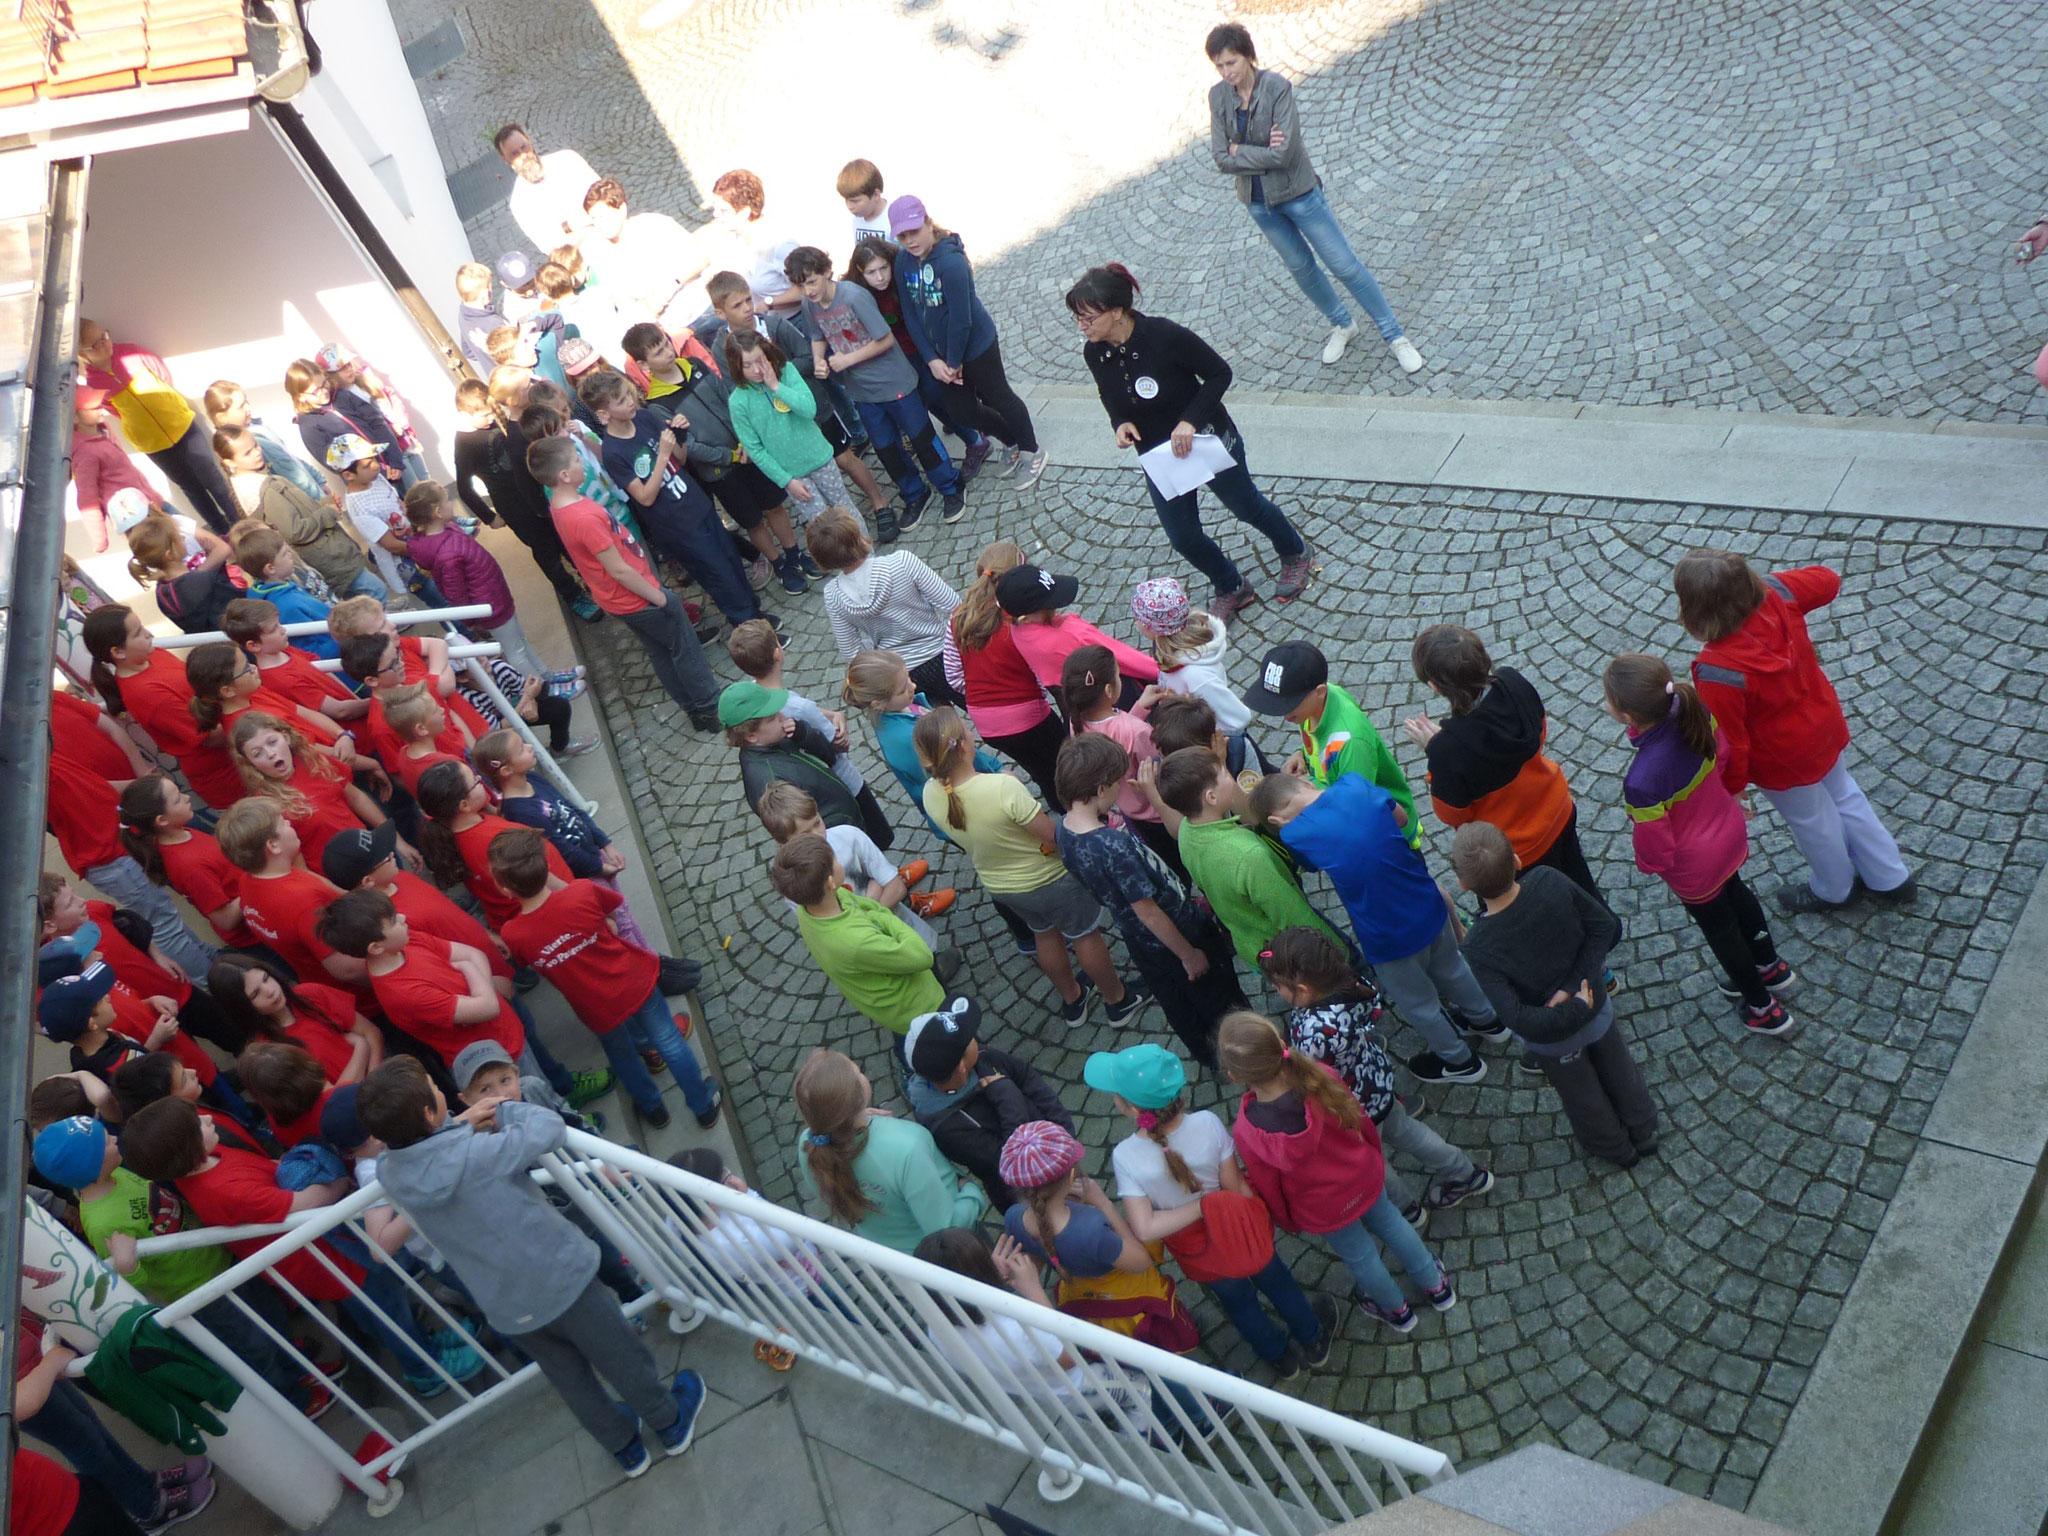 """Tschechische und Patersdorfer Kinder singen gemeinsam das Lied """"Bruder Jakob""""  in mehreren Sprachen"""